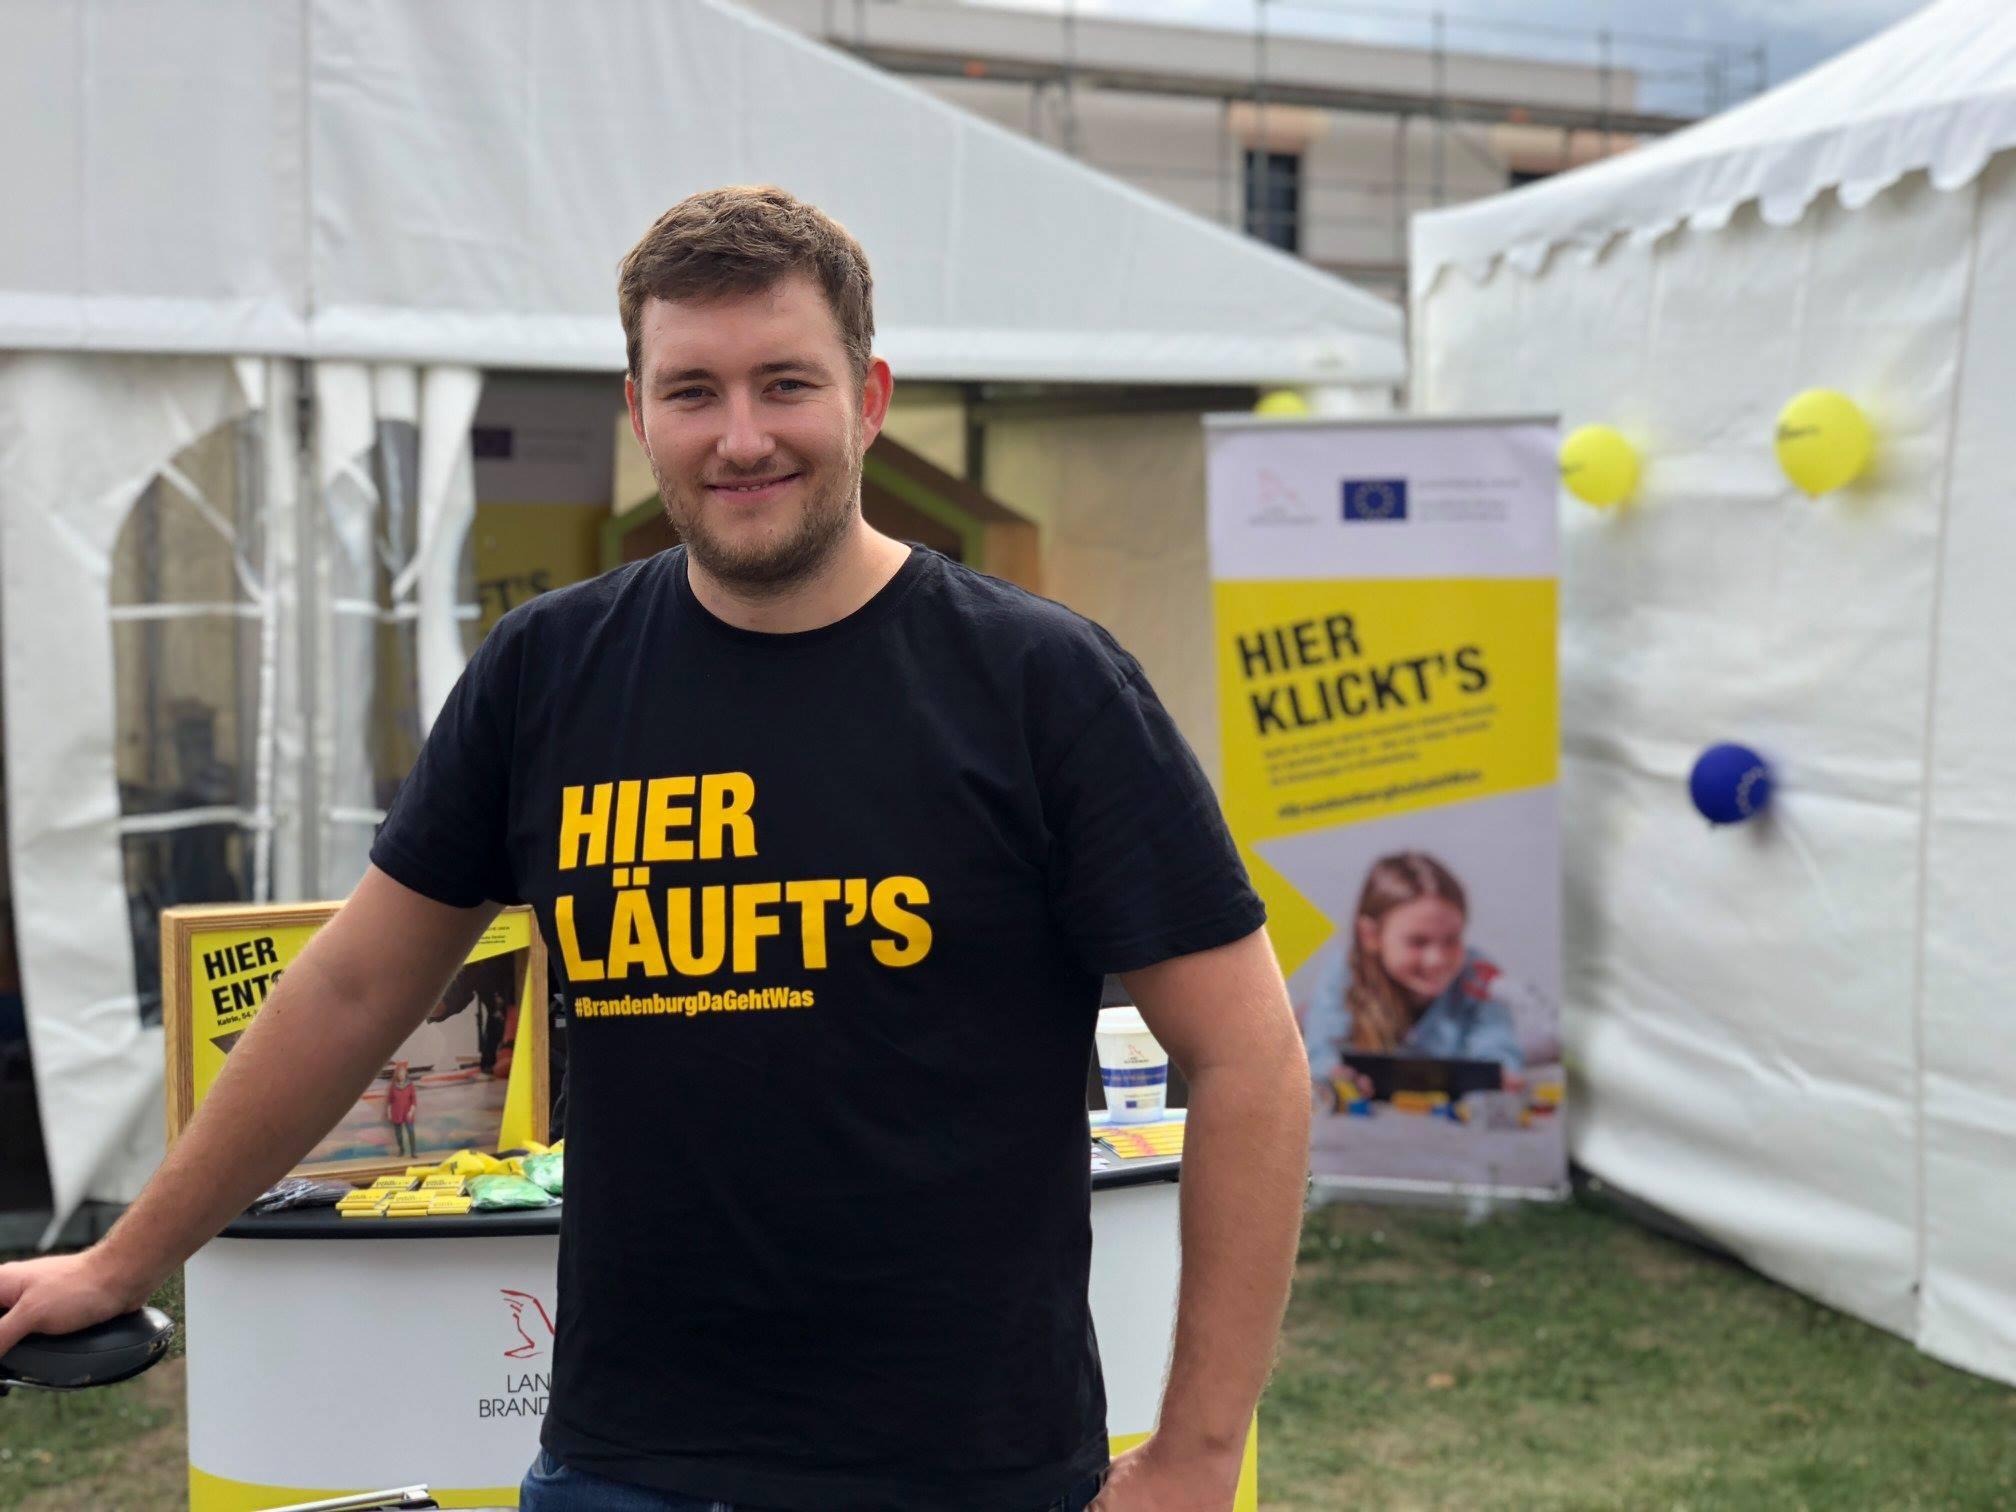 Steven Hille studierte Publizistik an der Freien Universität Berlin und schreibt als Reisejournalist u.a. für die dpa, die WELT und andere Zeitungen, Magazine oder Corporate Blogs.